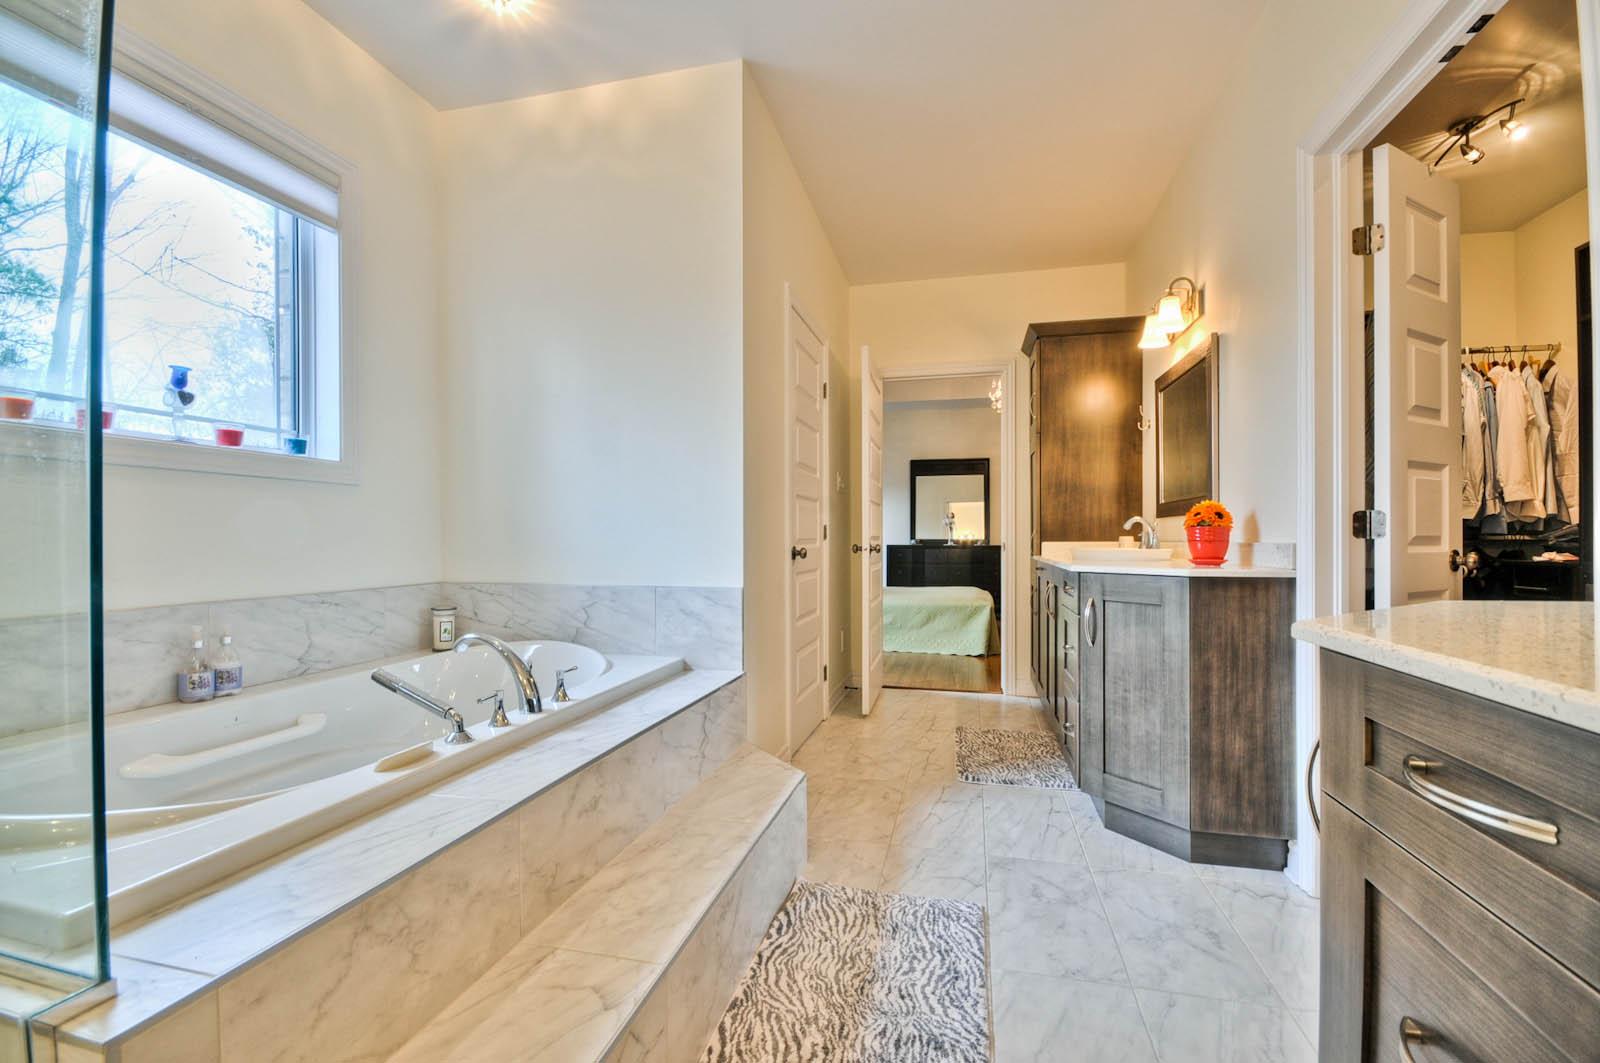 住宅带有治疗喷射型热水浴缸、独立淋浴间,以及带坐浴盆的私人卫生间